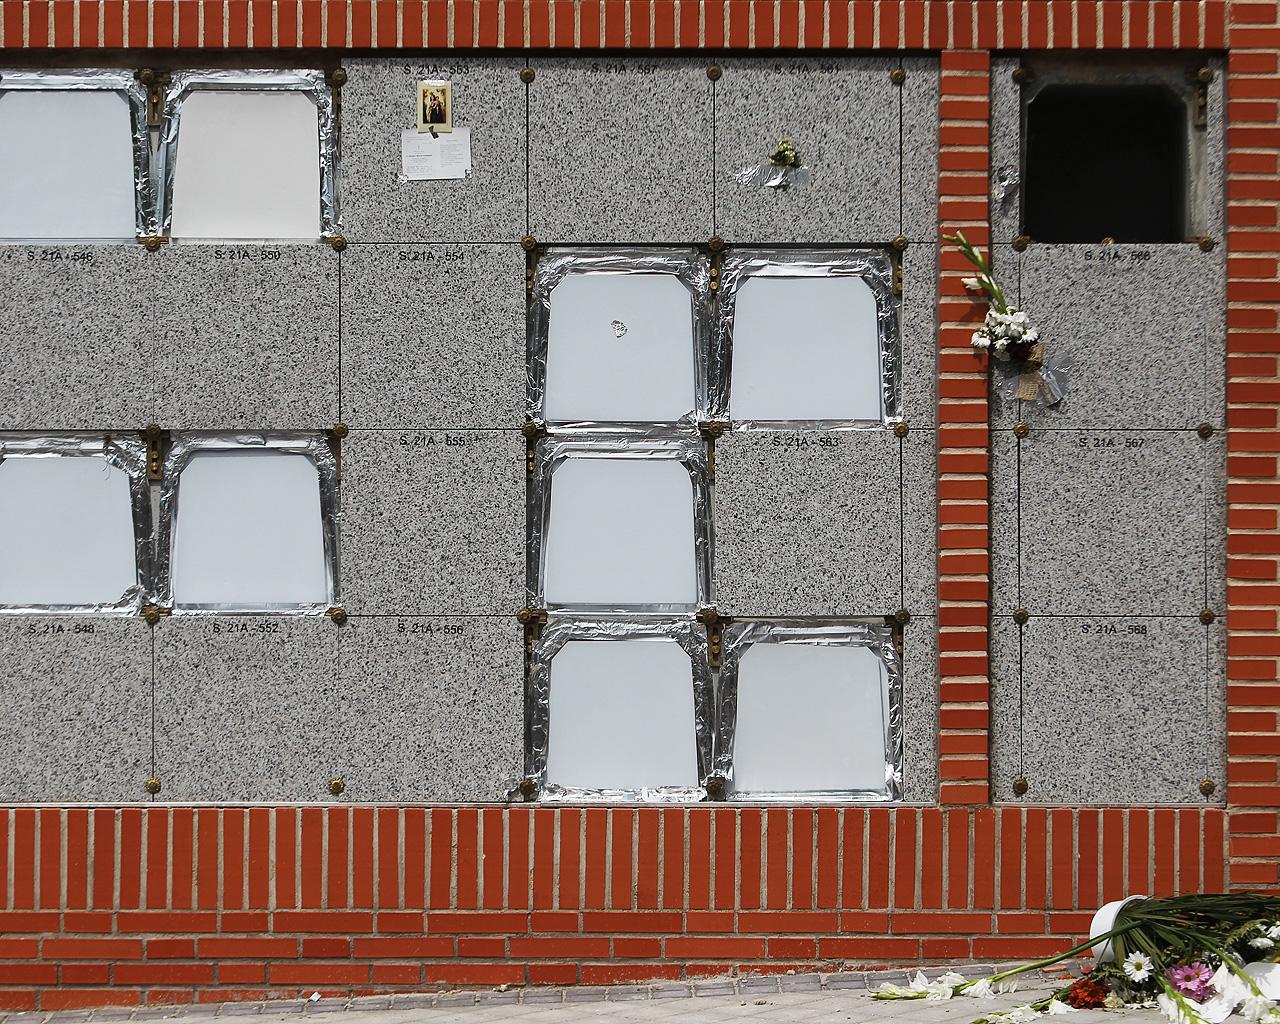 Cementerio de la Almudena. Madrid. 06/05/2020.